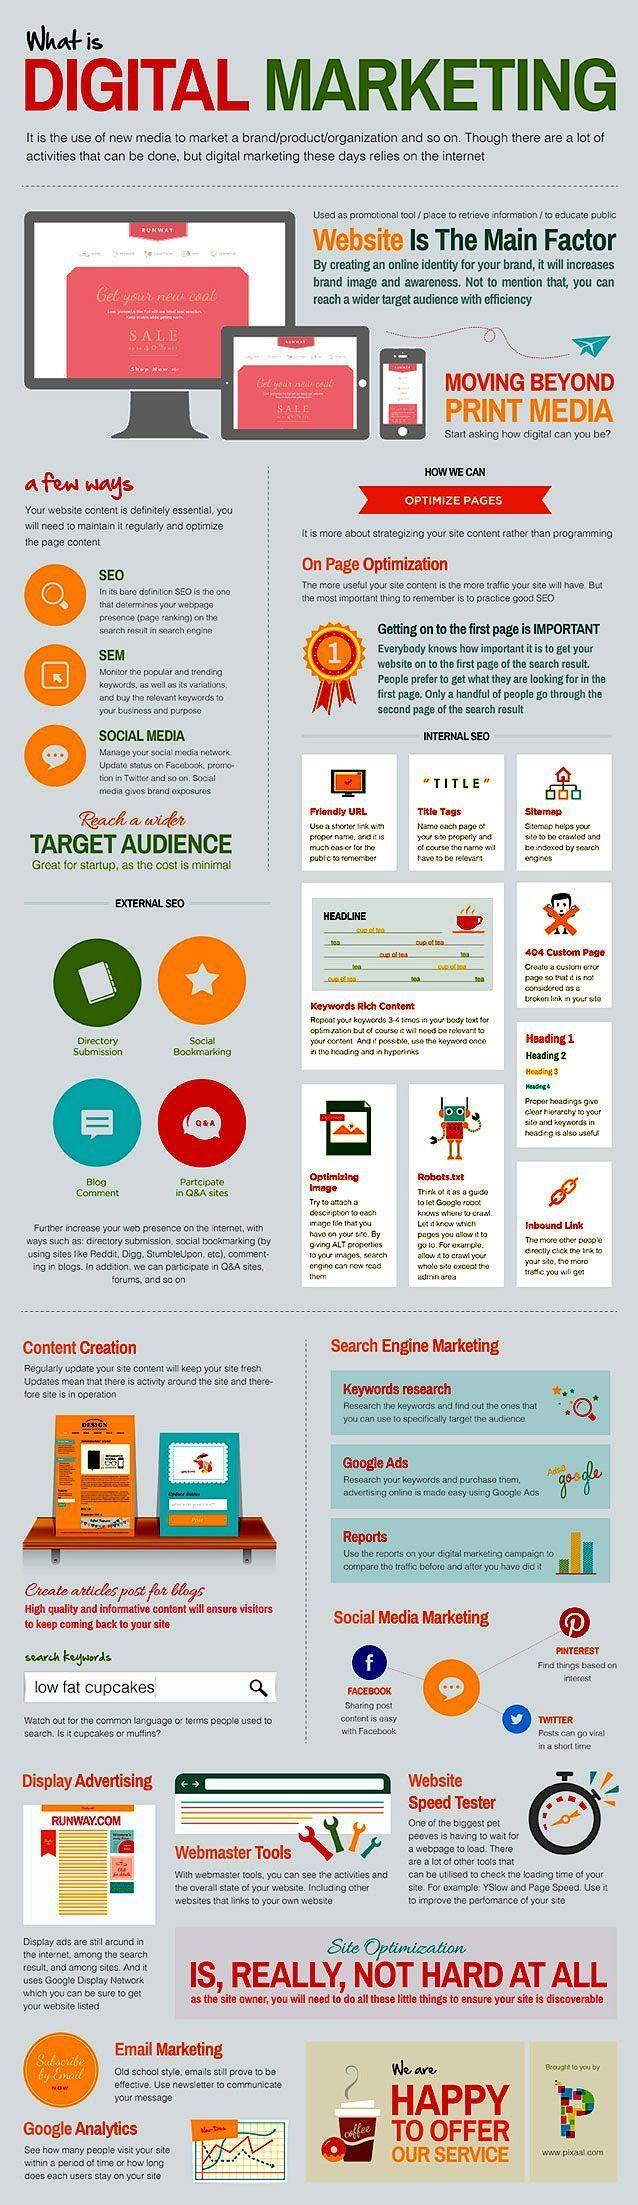 what is digital marketing? #marketing #online #business - Leia os nossos artigos sobre Marketing Digital no Blog Estratégia Digital em http://www.estrategiadigital.pt/category/marketing-digital/